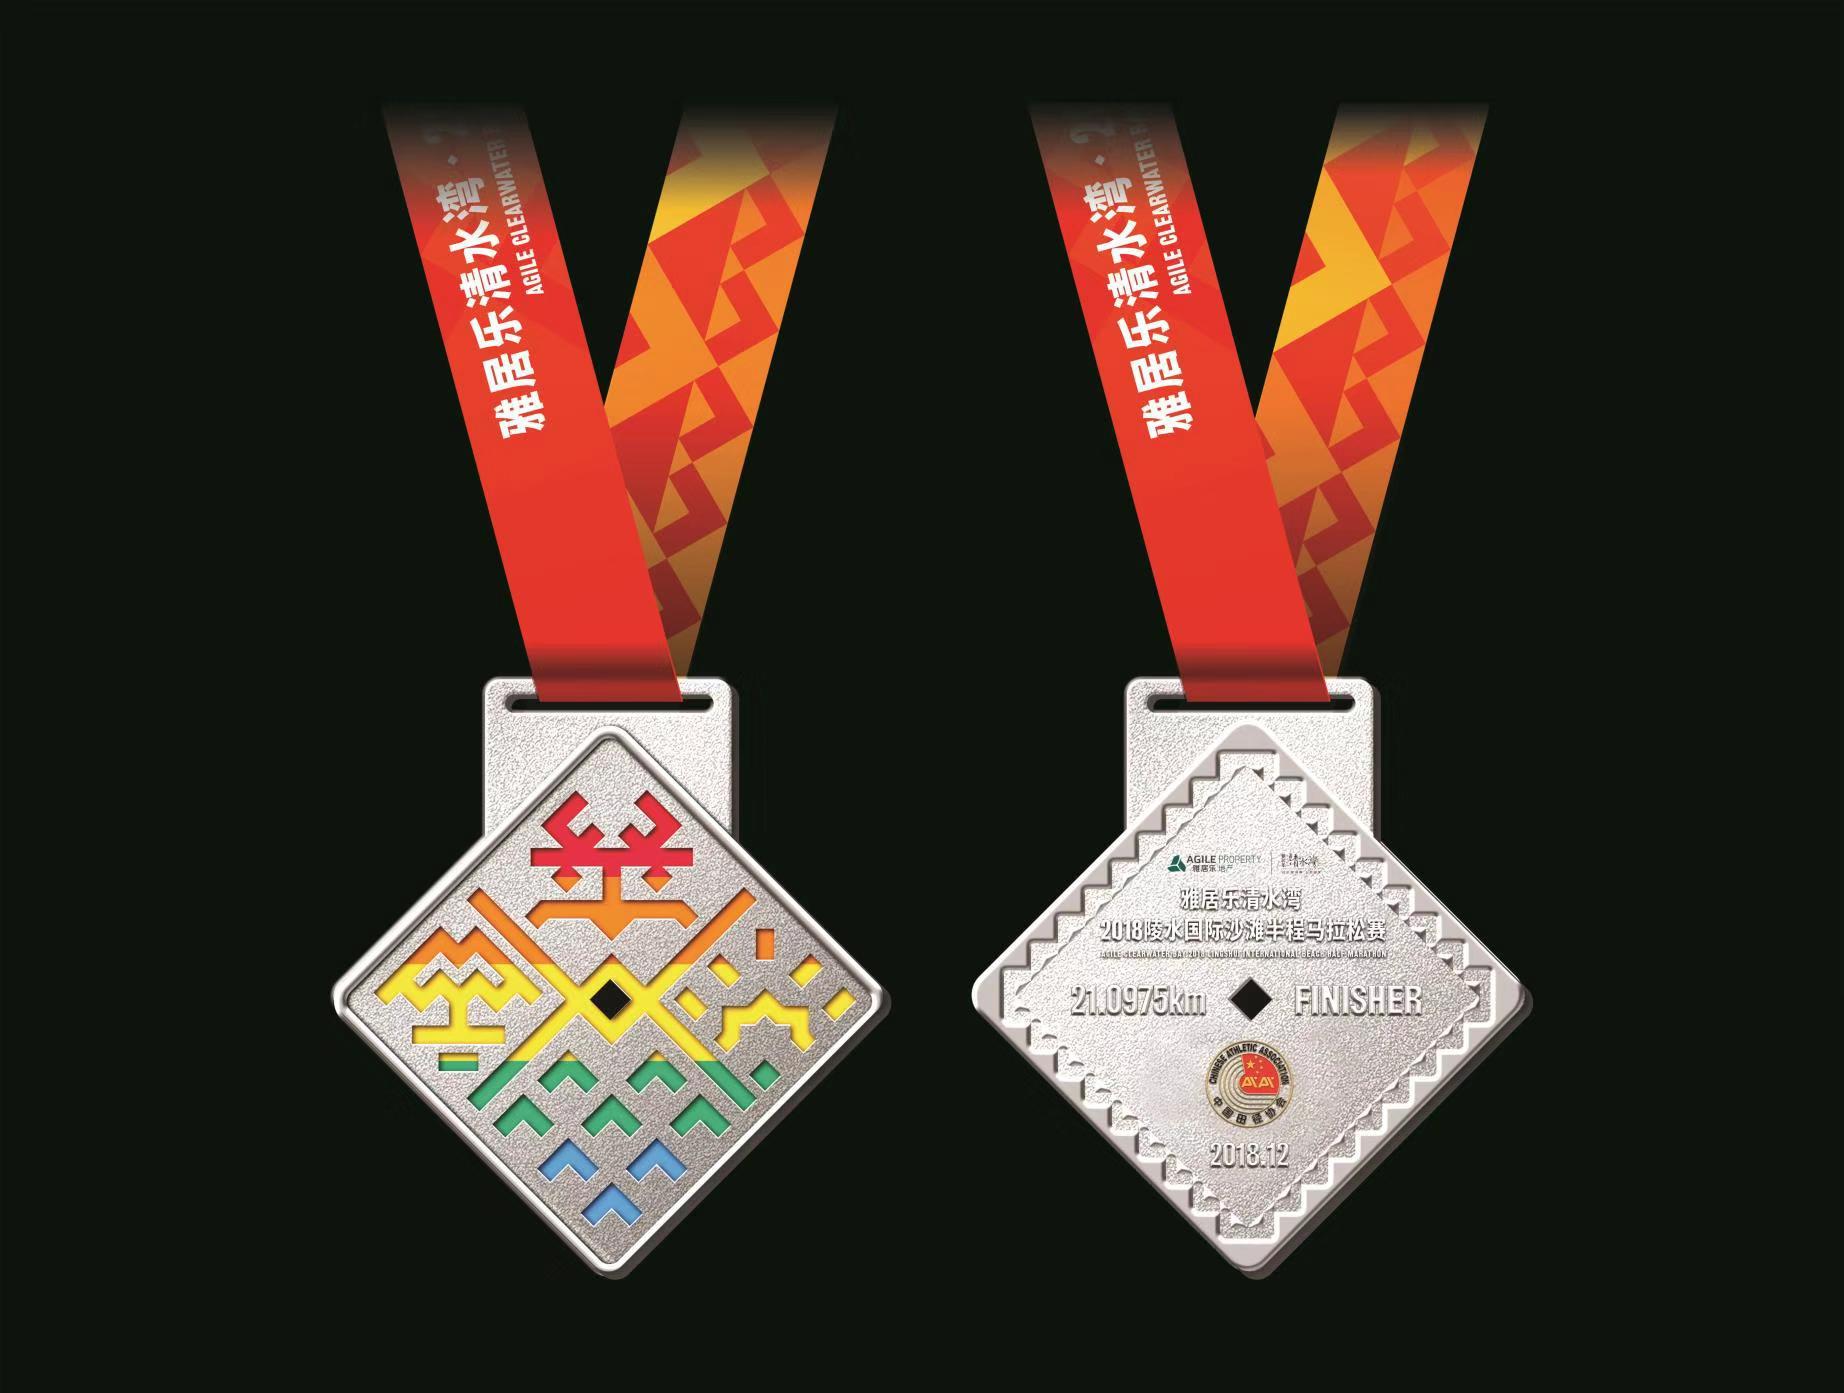 精品马拉松赛事正式揭秘,庆祝海南设立自贸区